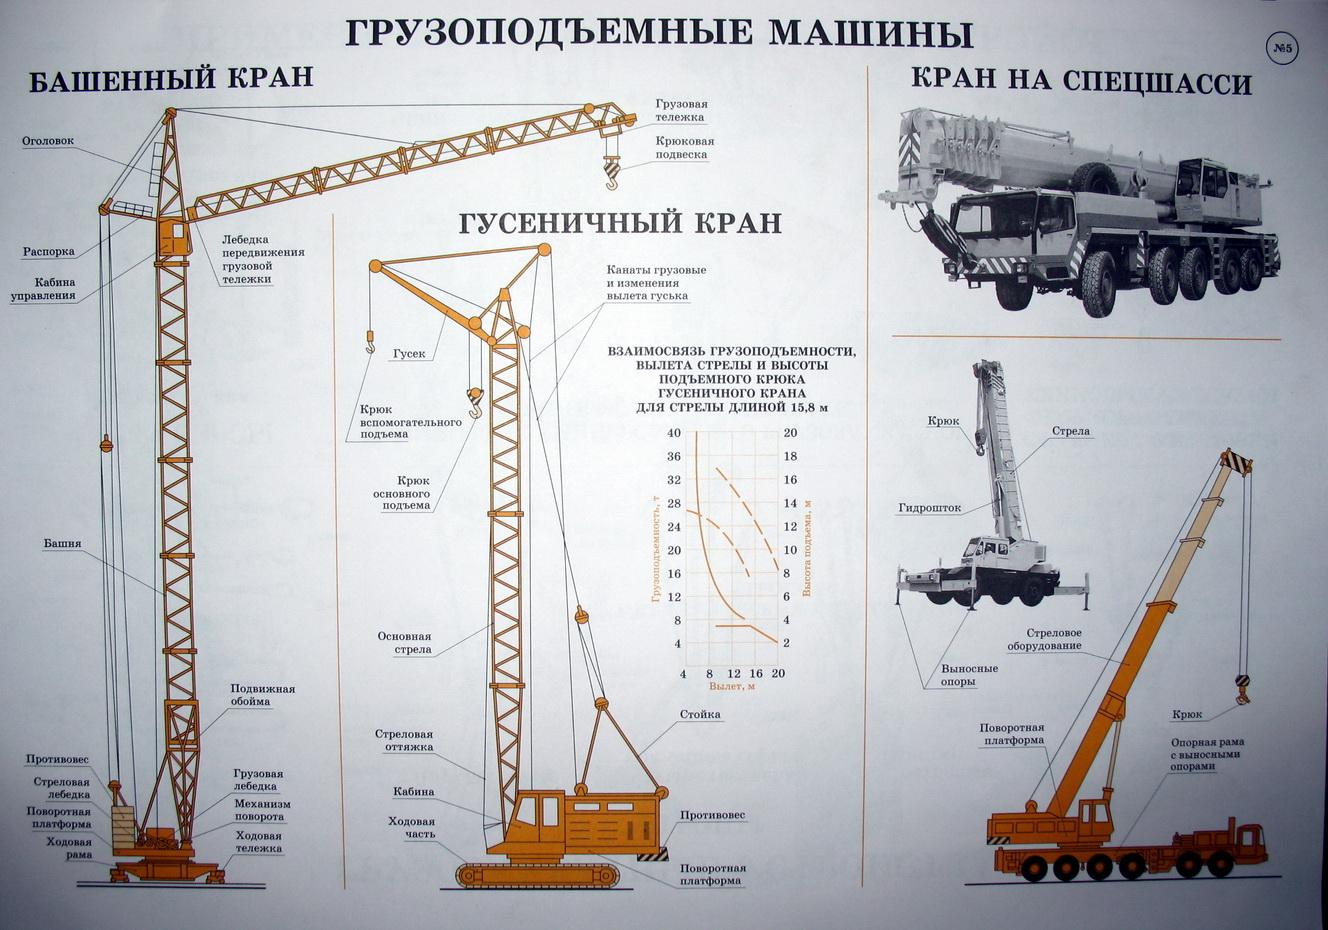 Грузоподъемные монтажные машины и механизмы. грузоподъемные машины и механизмы